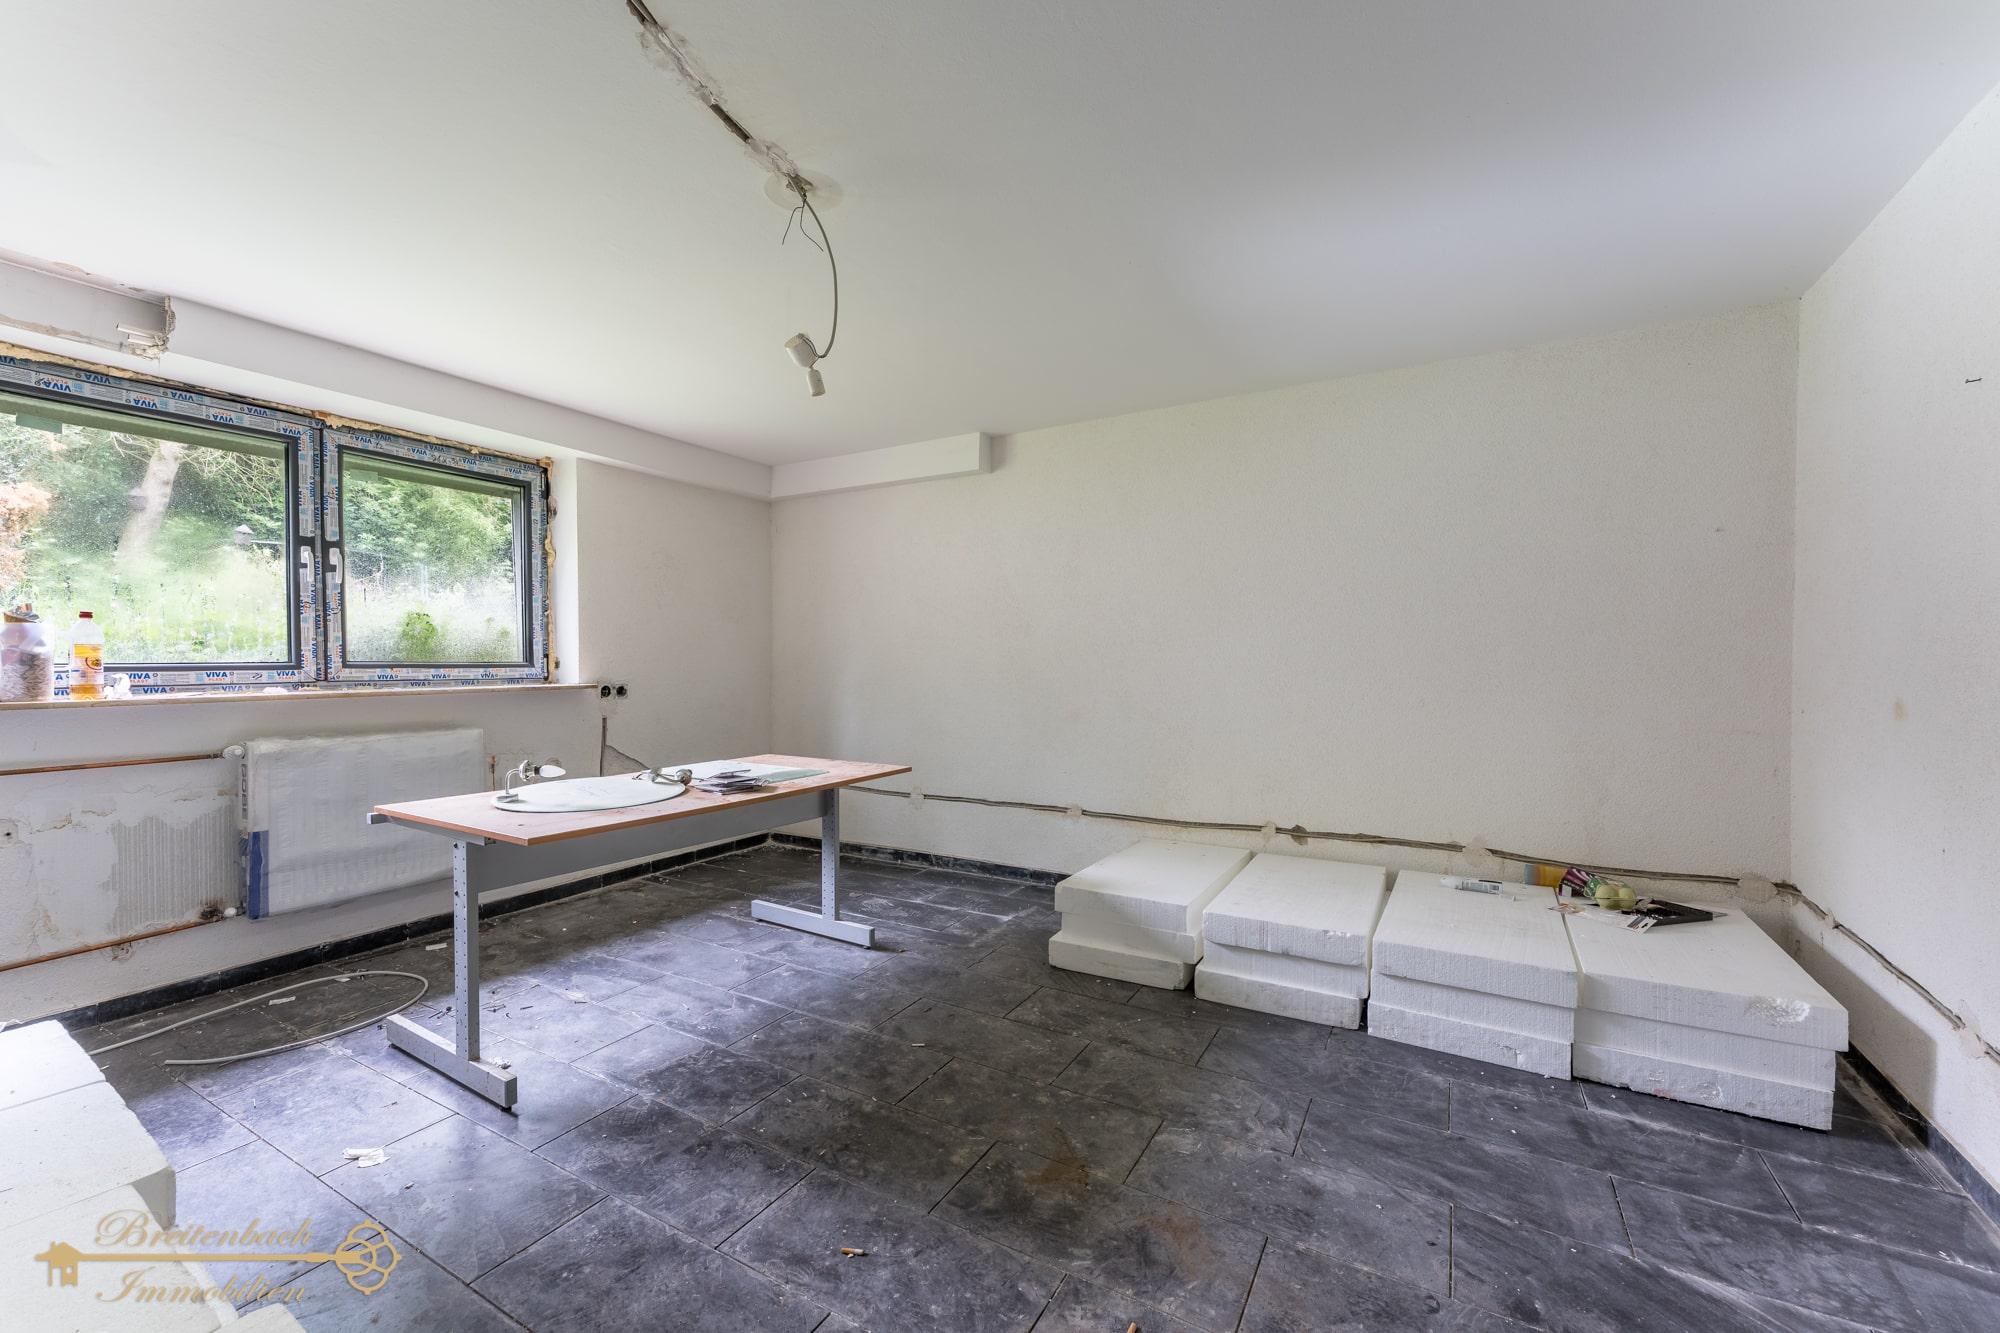 2021-06-06-Breitenbach-Immobilien-Makler-Bremen-21-min